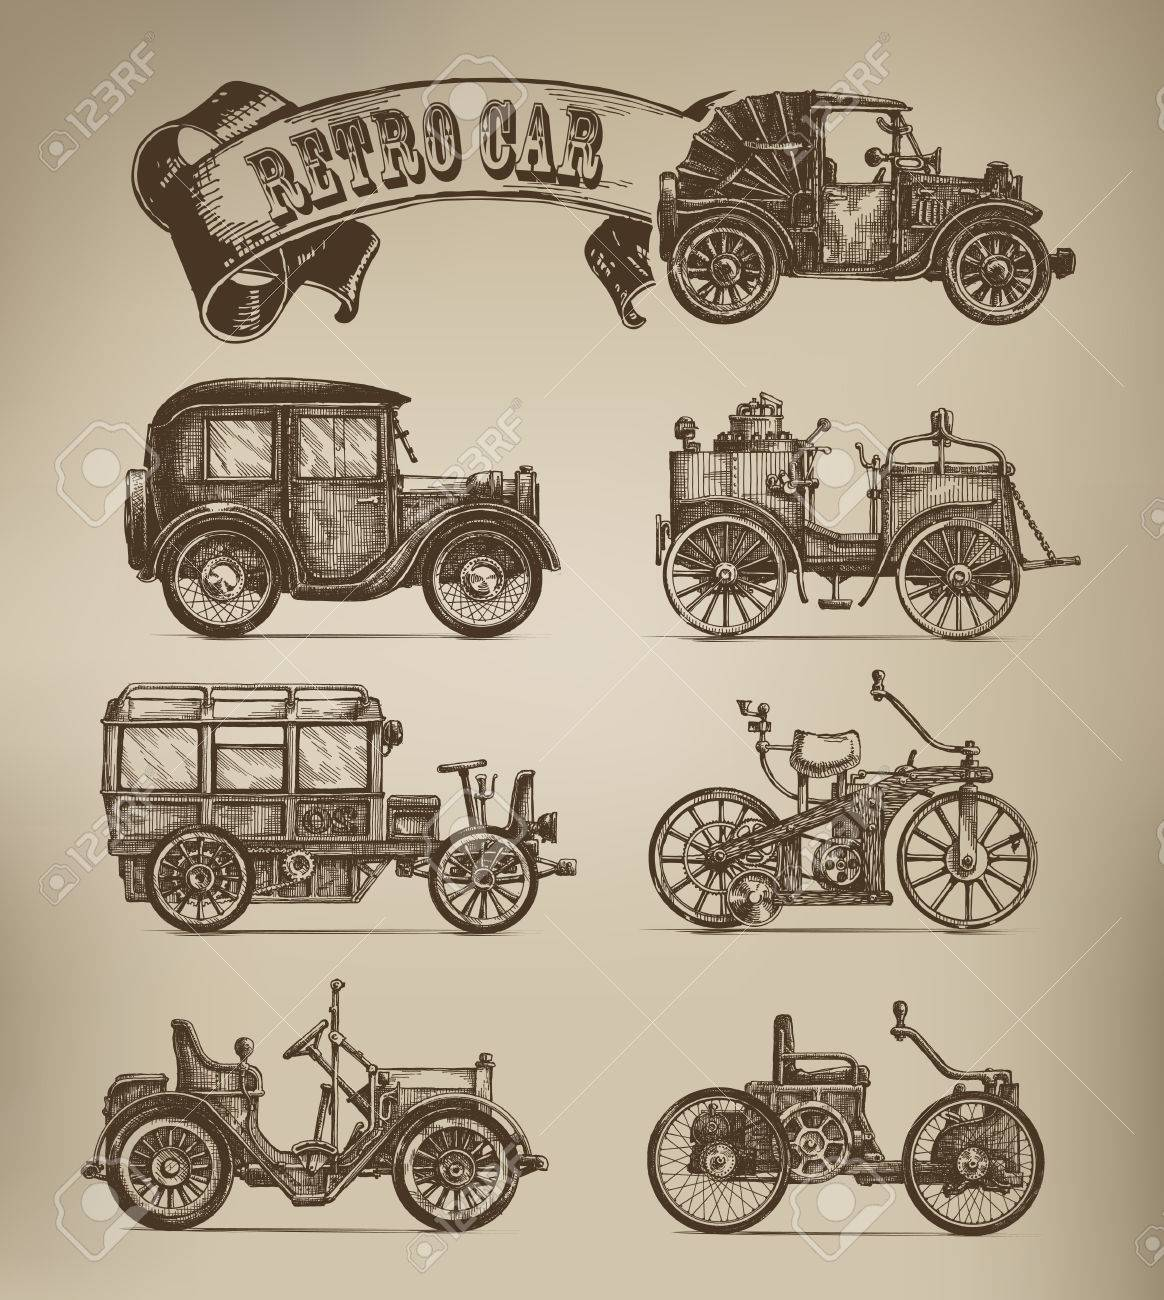 Retro cars vectors - 23236521